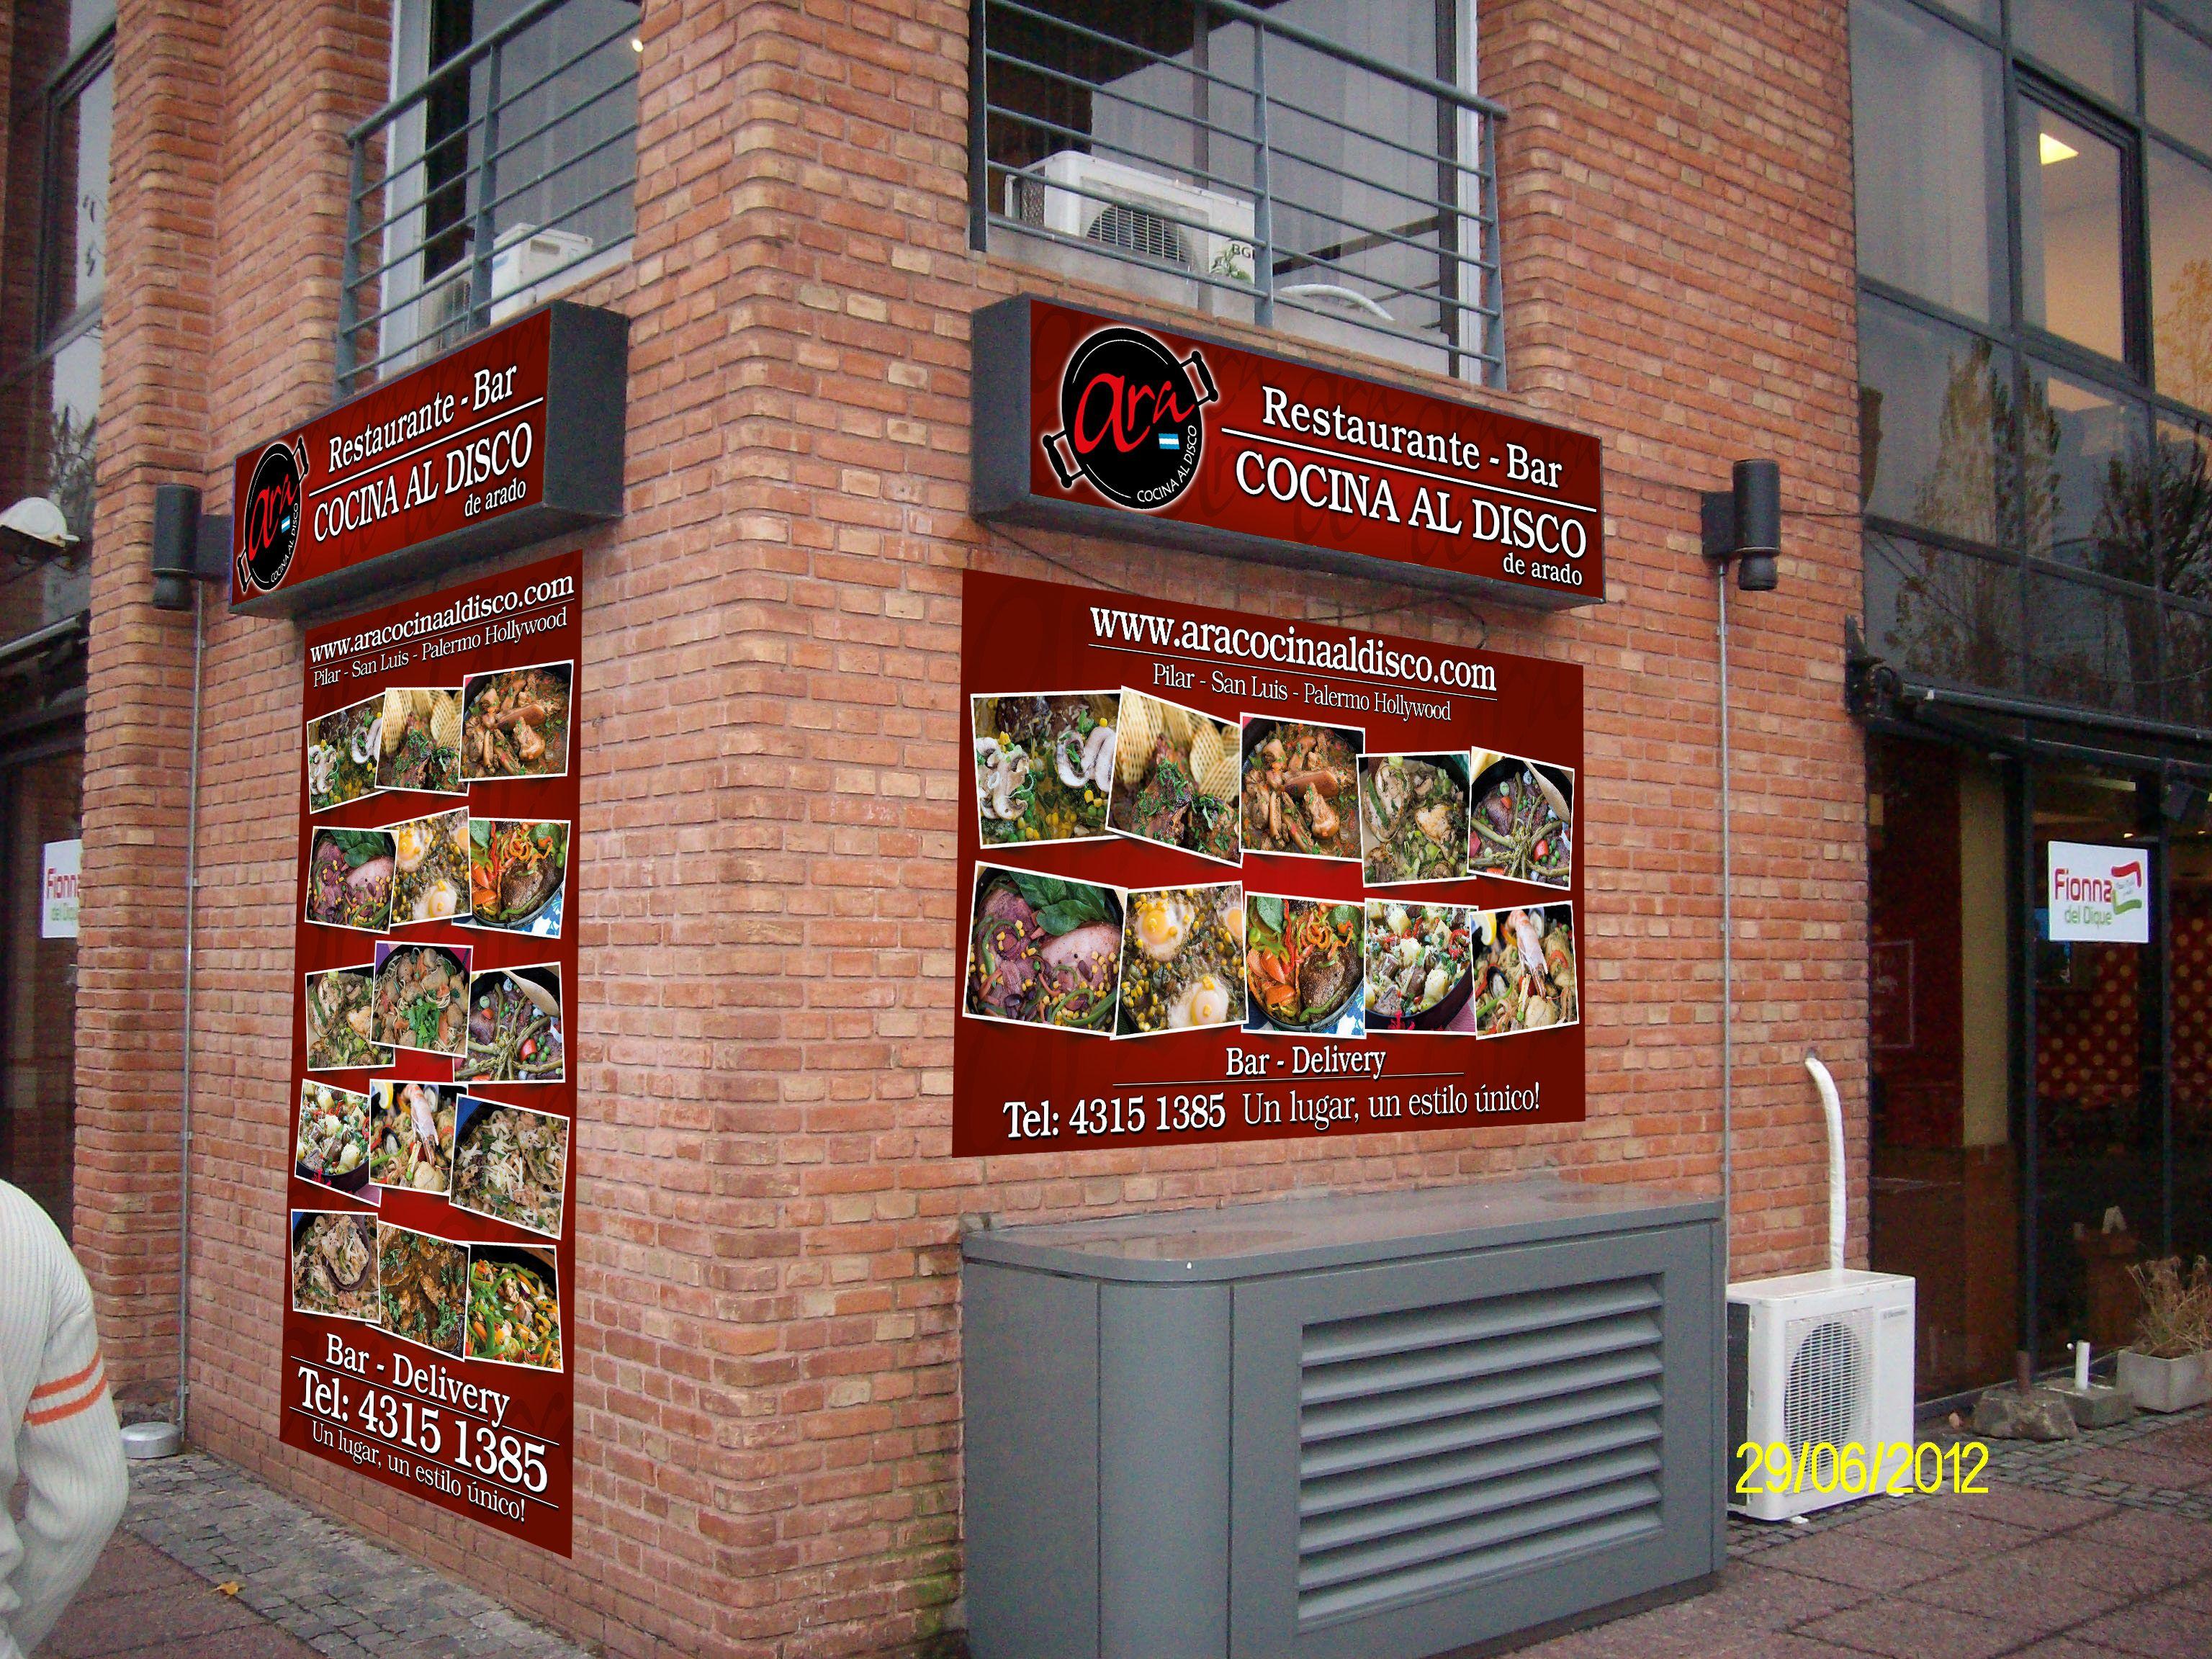 Montaje digital de la cartelería de la esquina para local ubicado en Puerto Madero